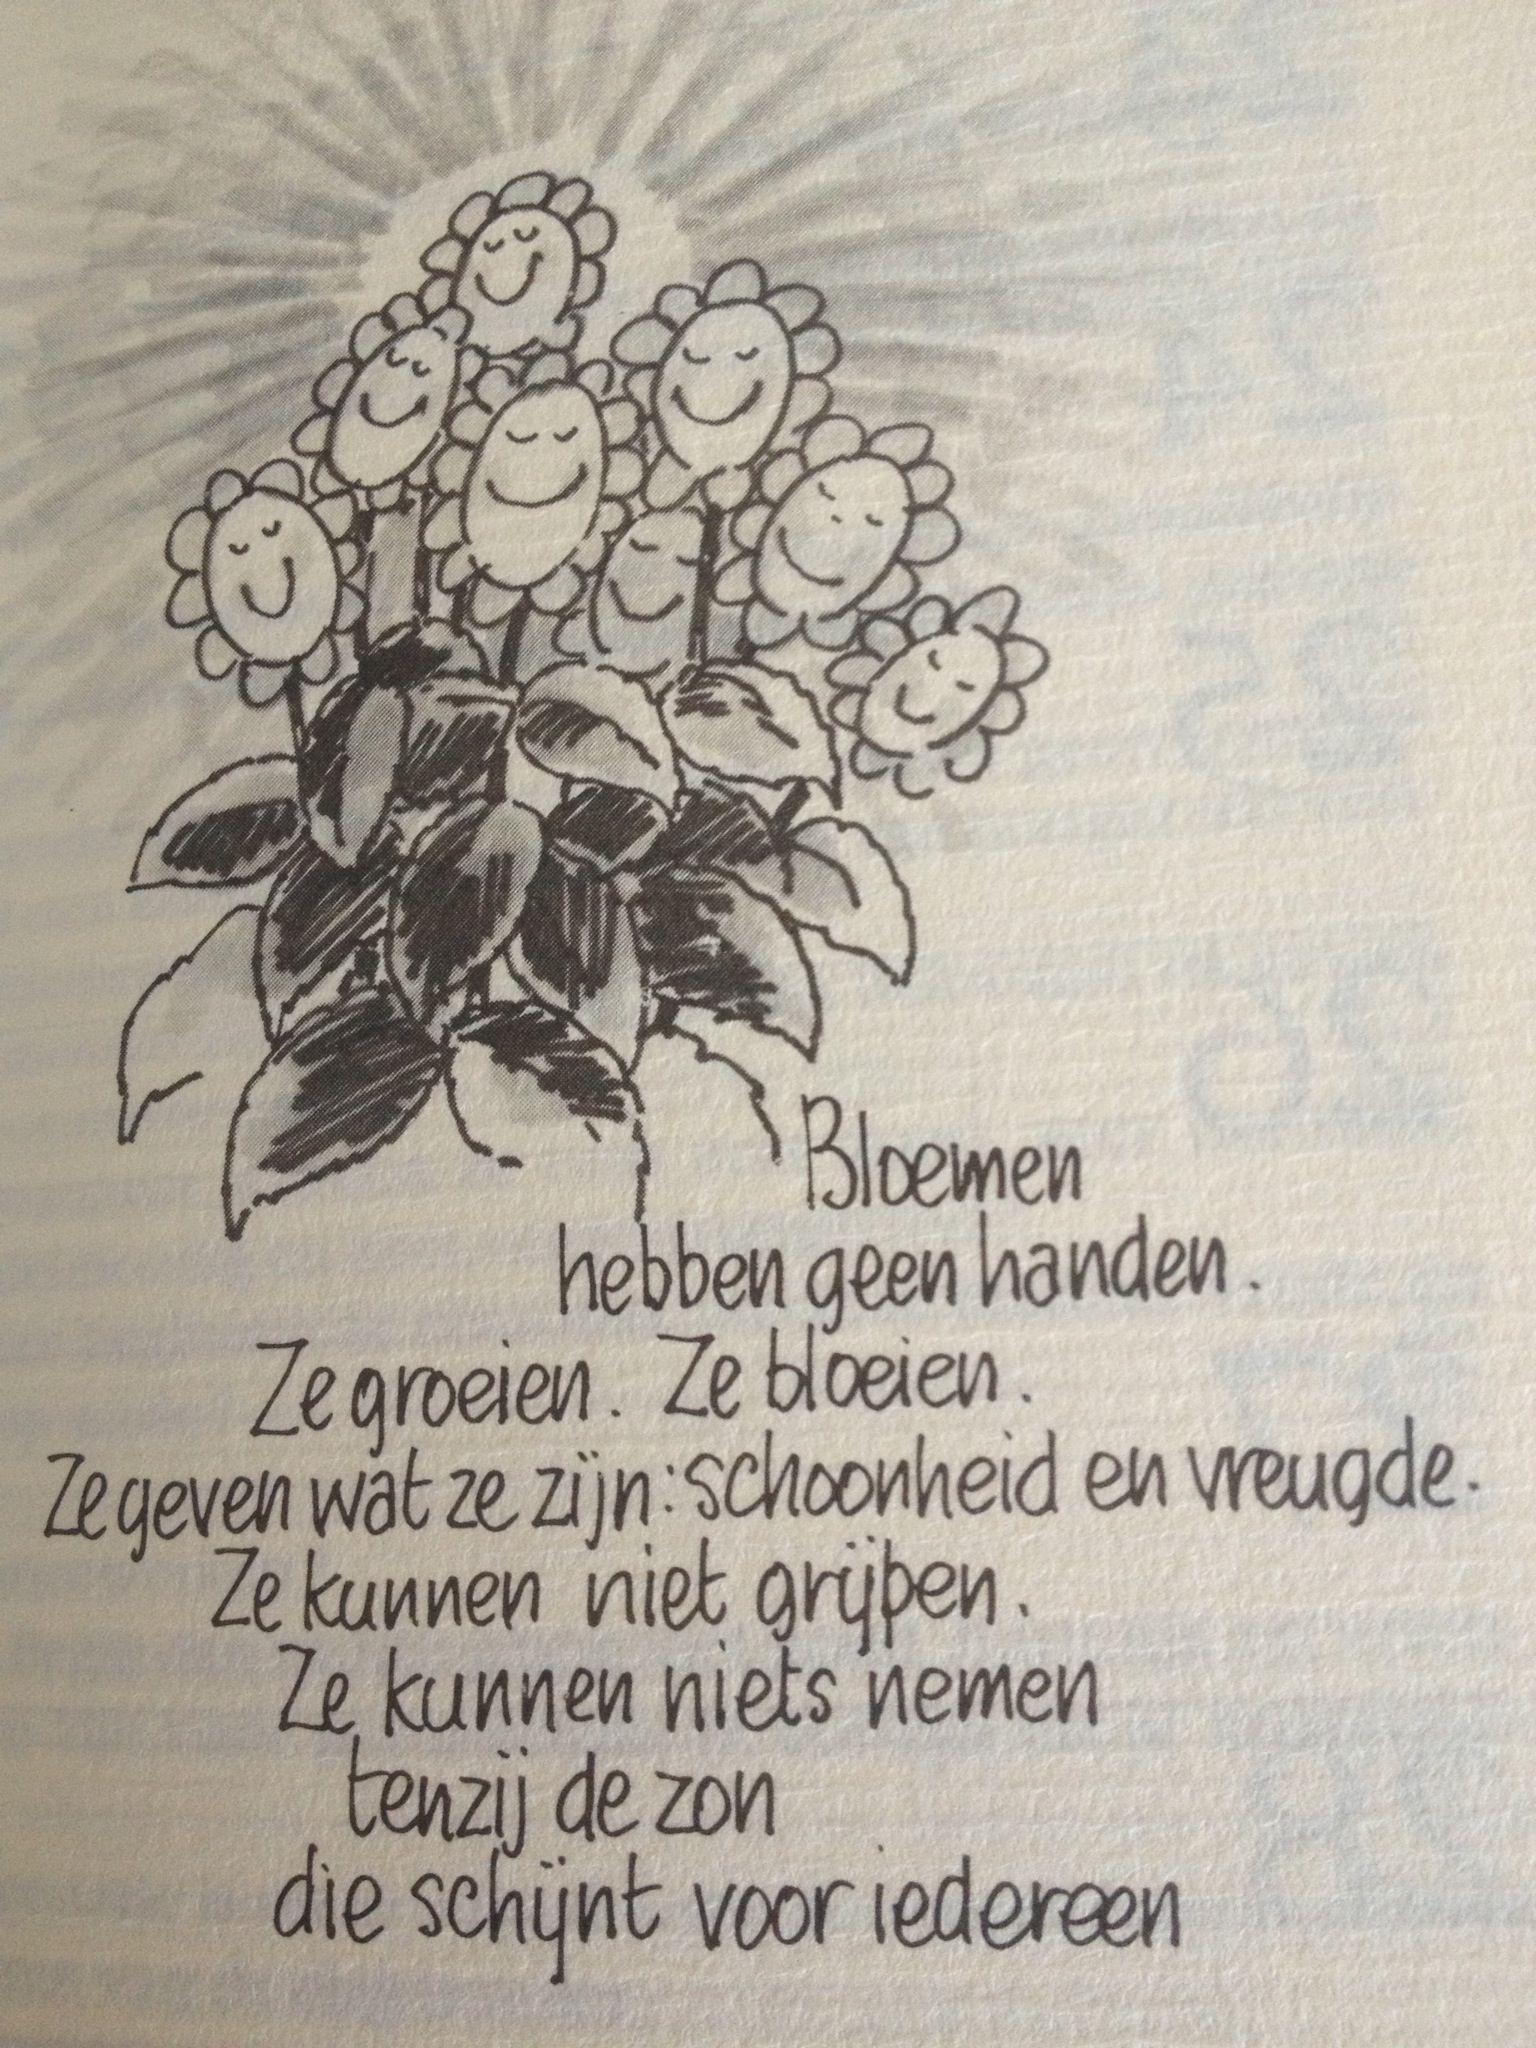 Citaten Over Bloemen : Phil bosmans bloemen mooie gedichten teksten citaten